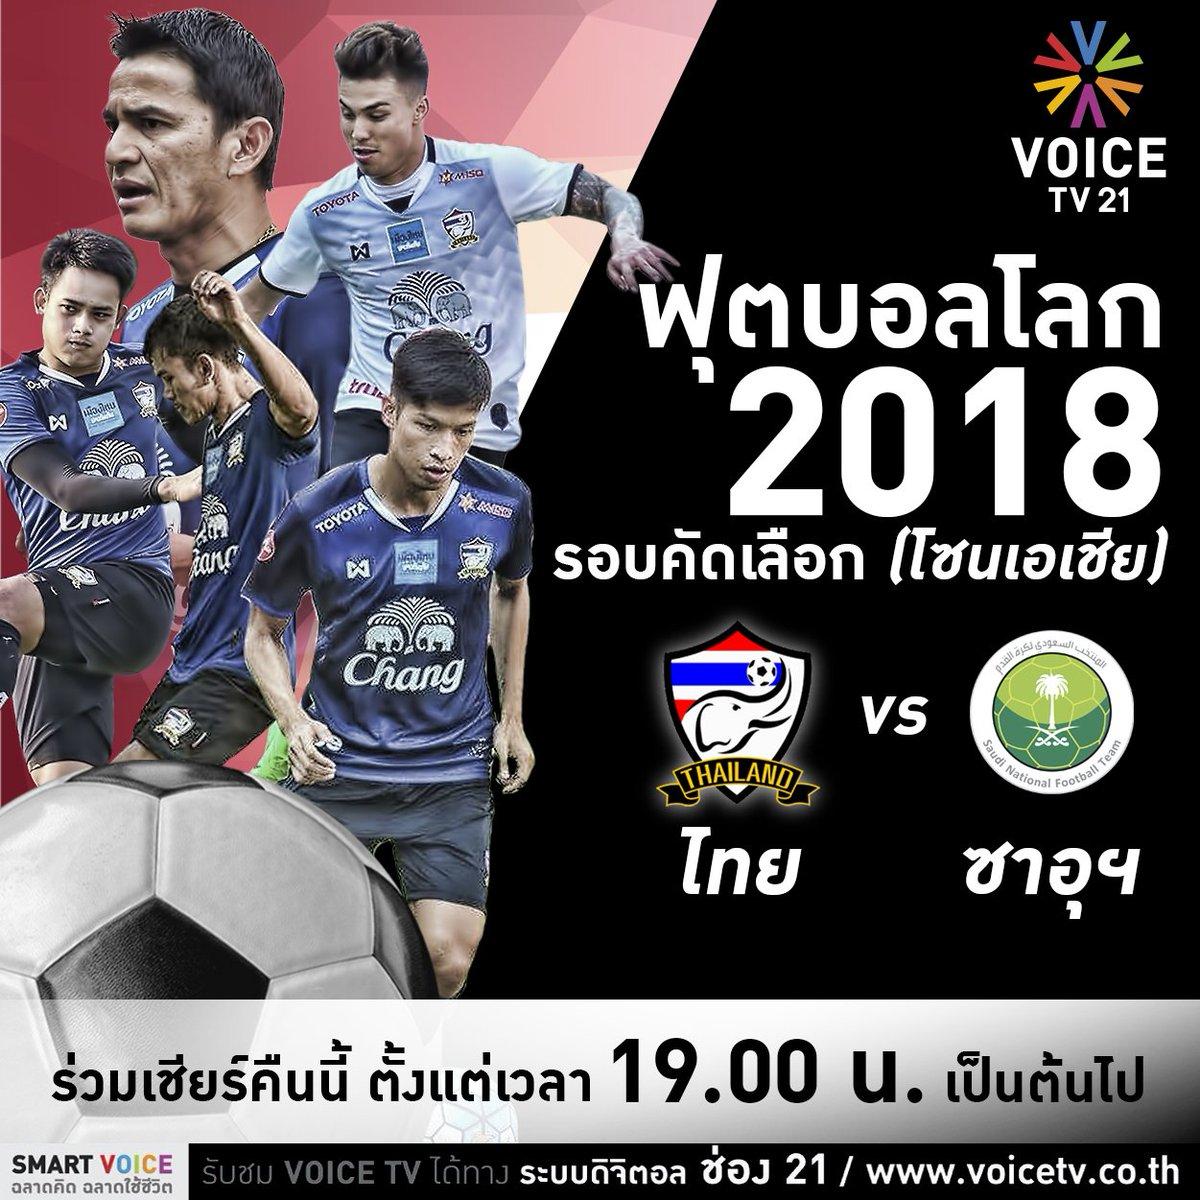 พร้อมกันหรือยัง ไทย เปิดราชมังฯ ฟัด ซาอุฯ 19.00 น. #บอลไทย #คัดบอลโลก...